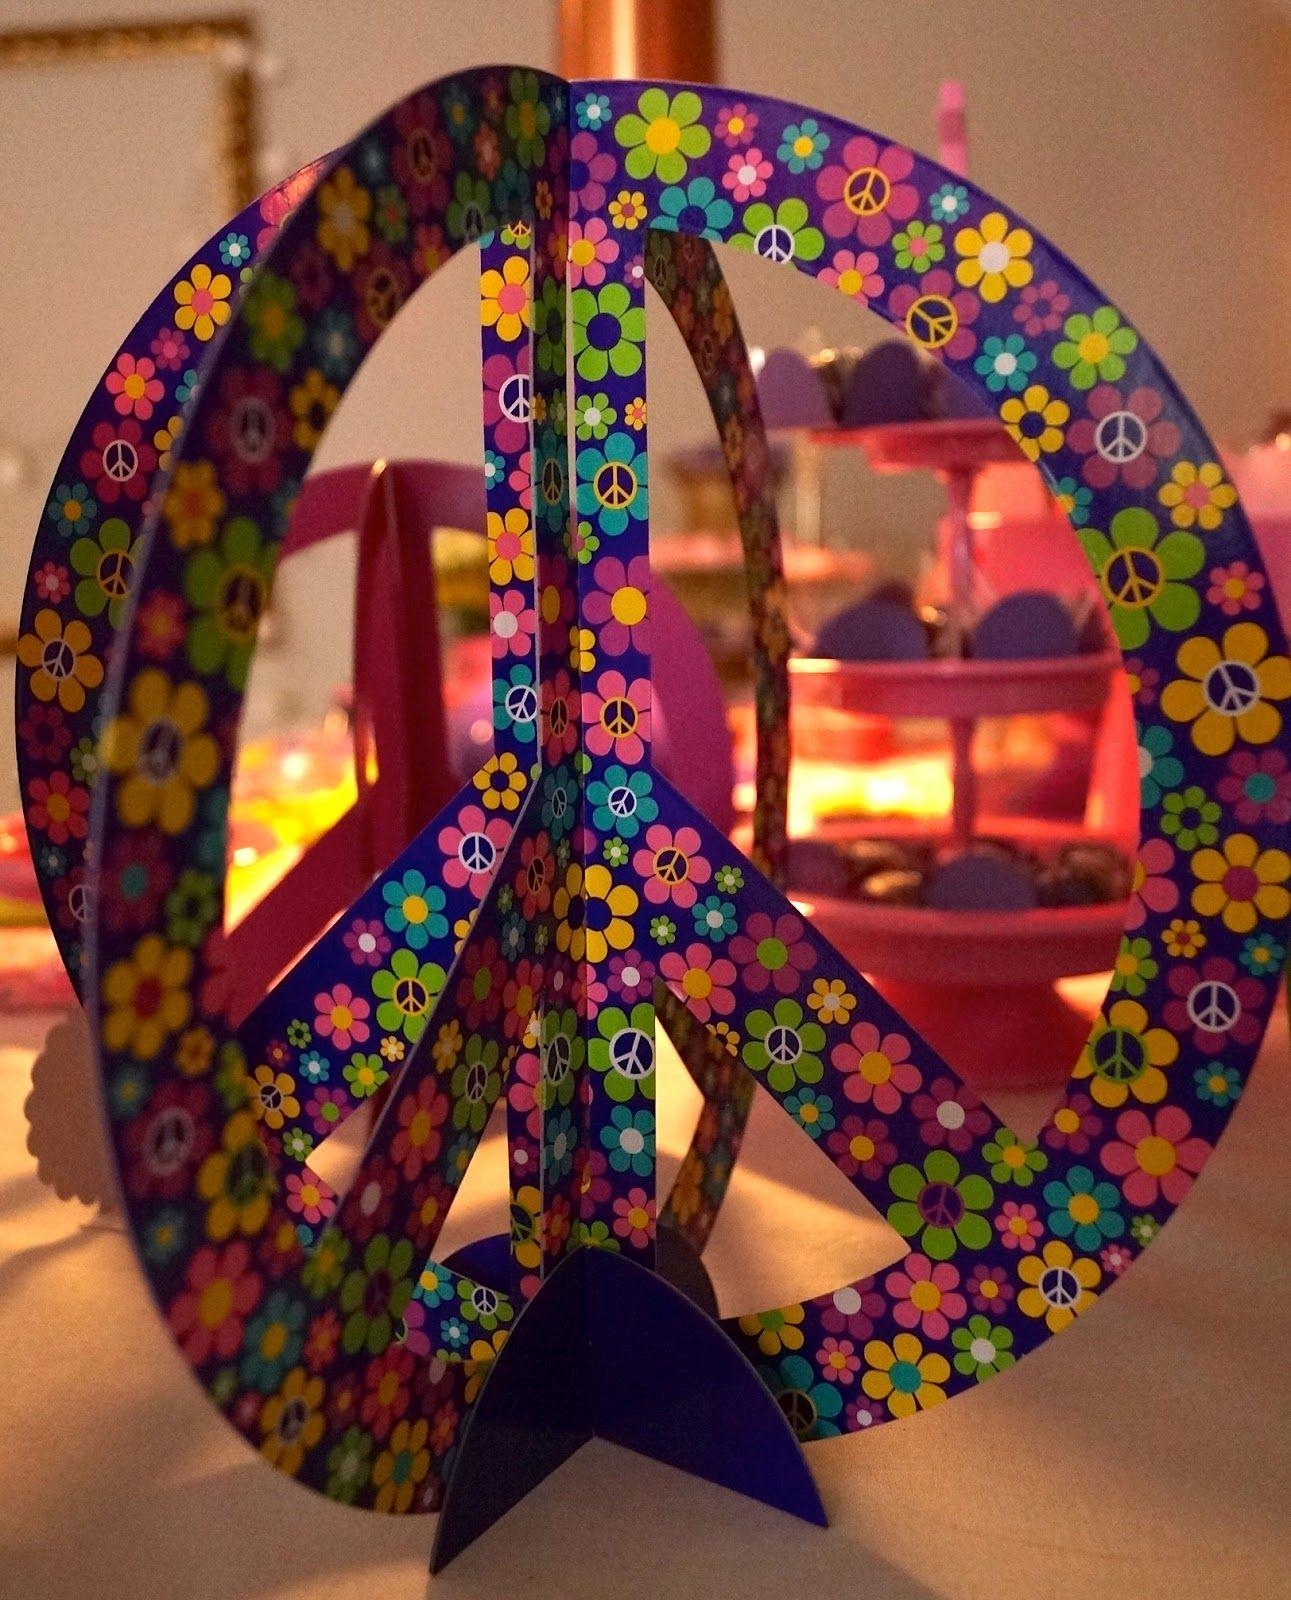 Projetos Inventivos: Balada Rock, Paz e Amor - aniversário de 9 anos